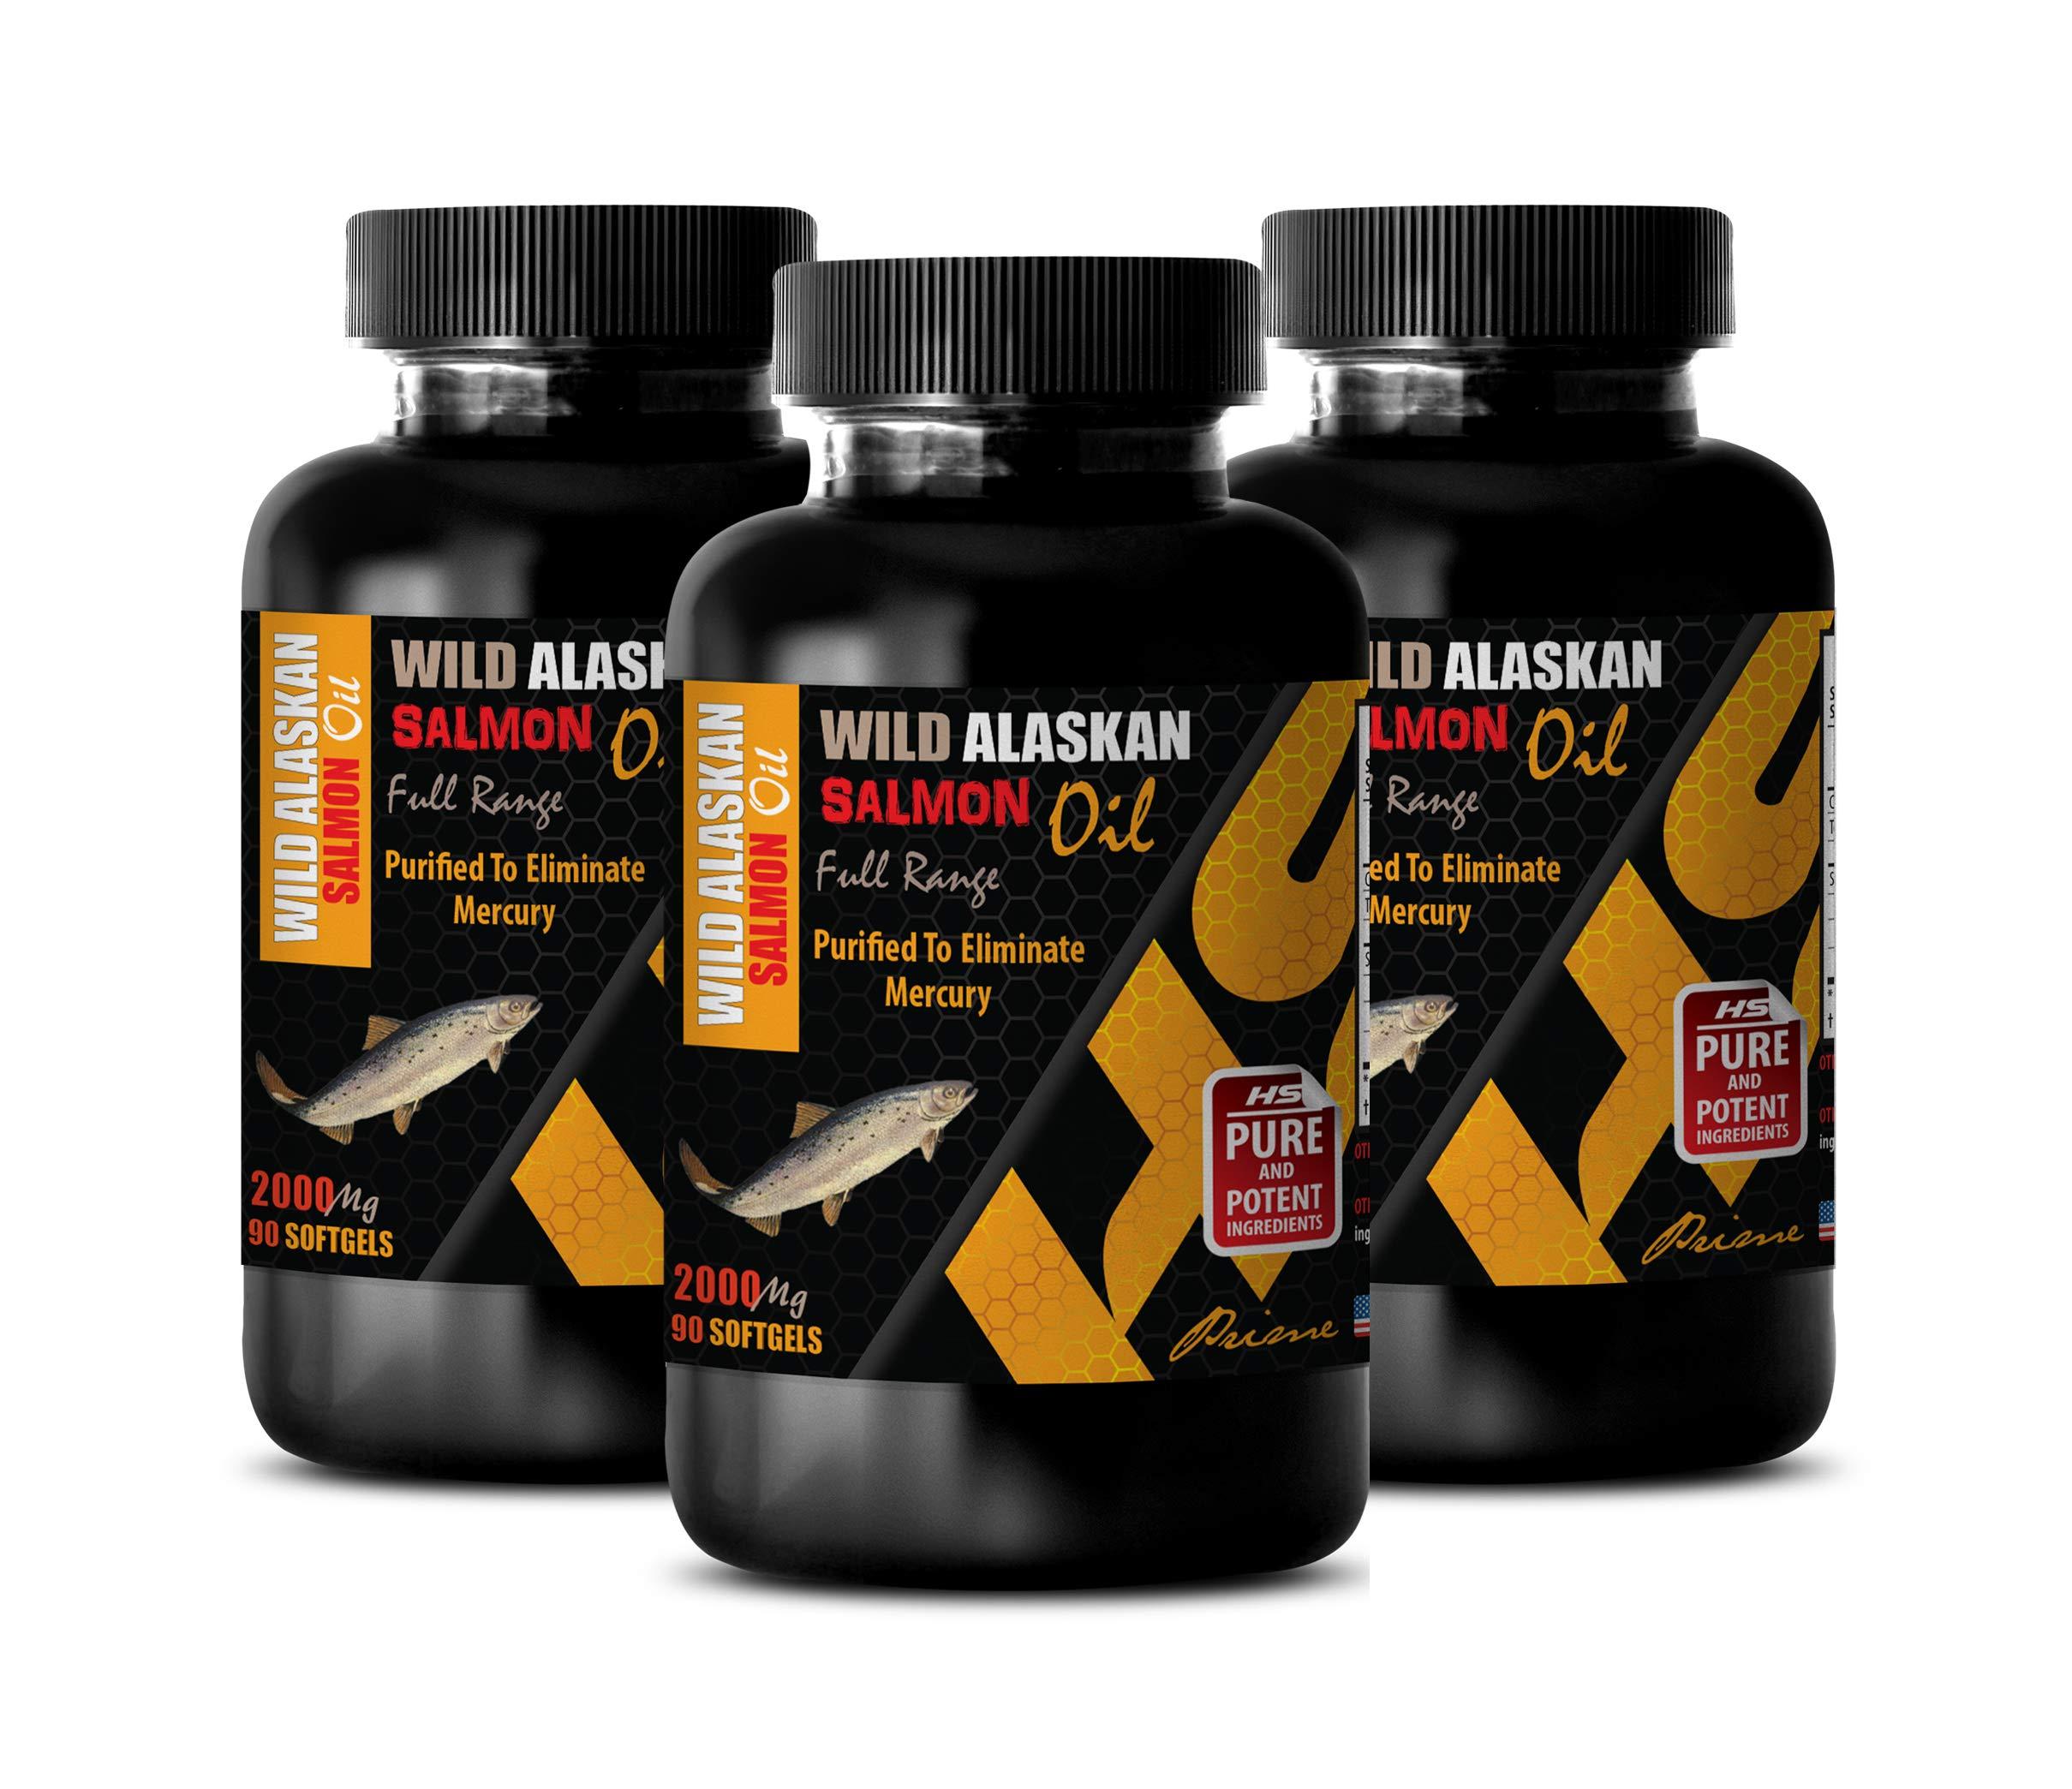 Immune System Booster - Wild Alaskan Salmon Oil - Full Range 2000Mg - Omega 3 dha epa - 3 Bottles 270 Softgels